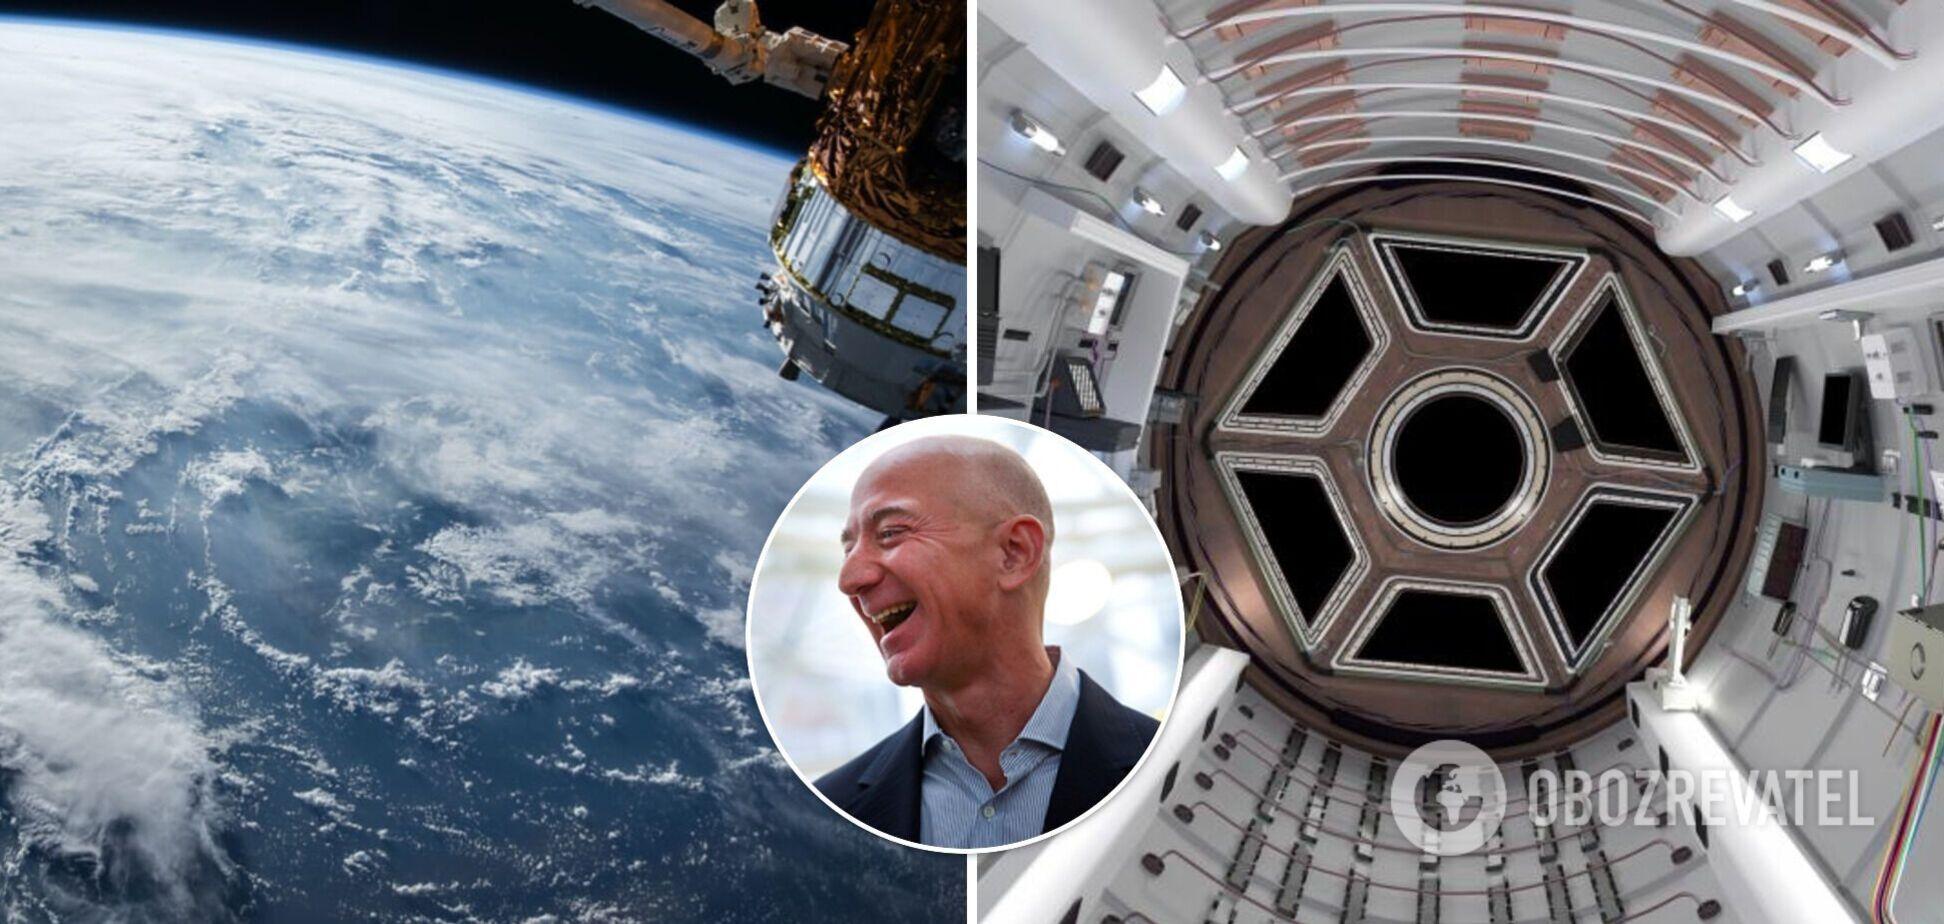 Безос будує космічну станцію 'Орбітальний риф': може вмістити близько 10 осіб